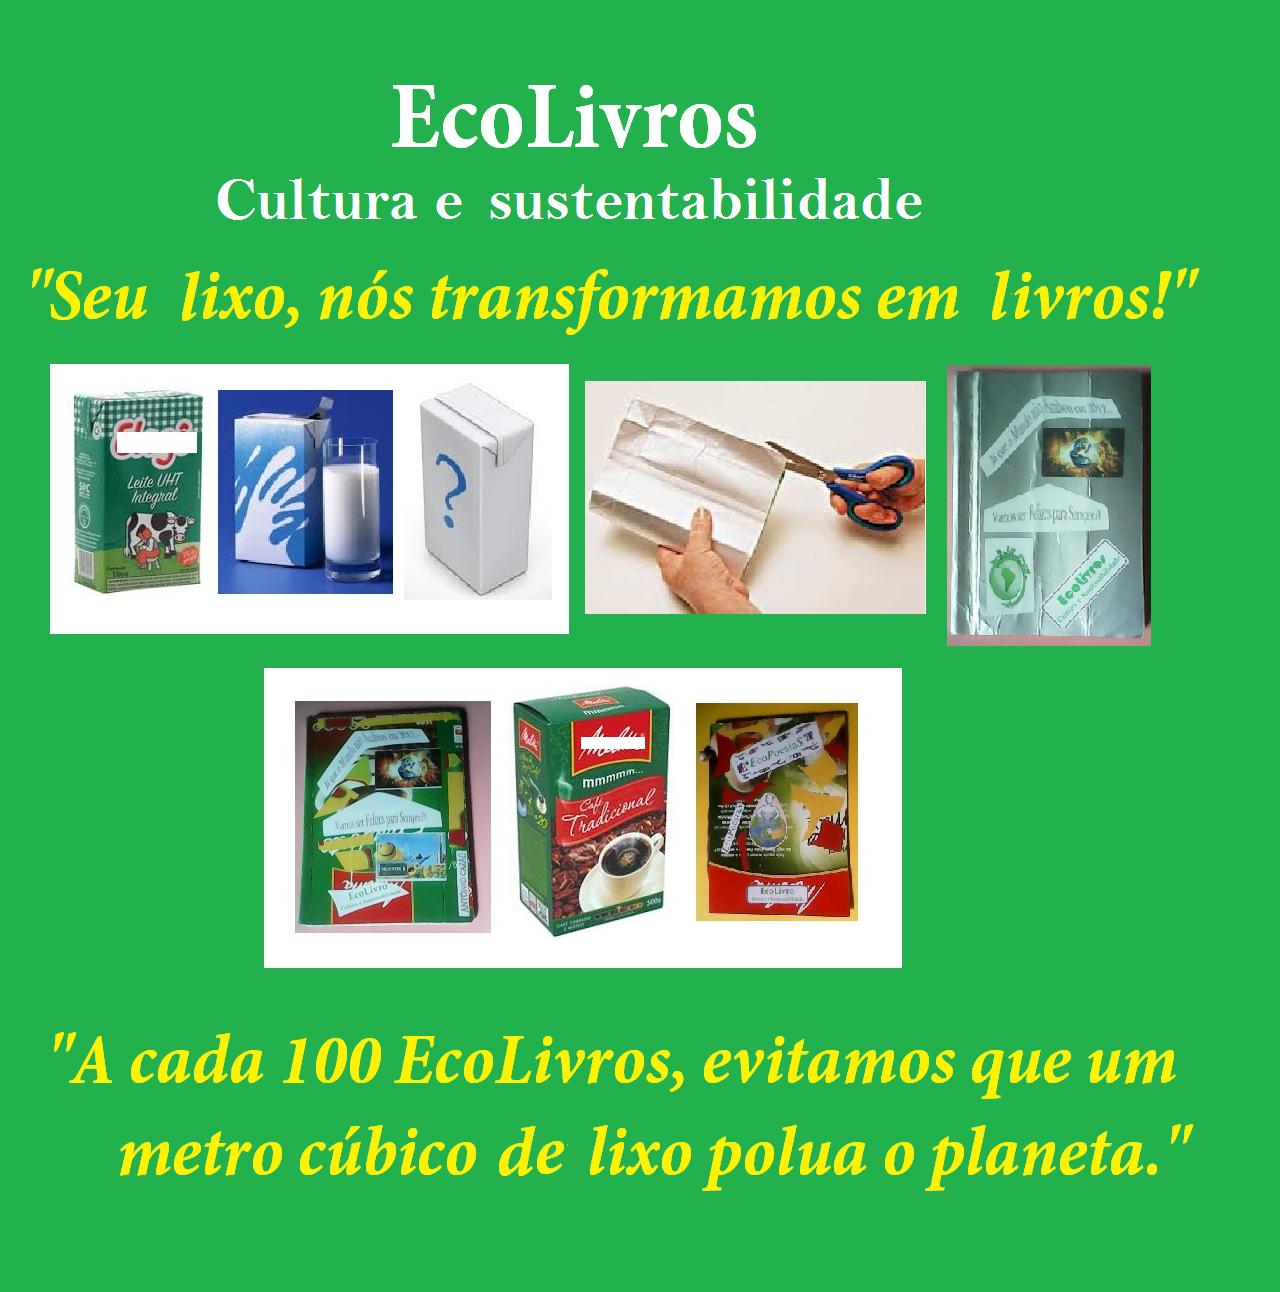 Conheça os EcoLivros